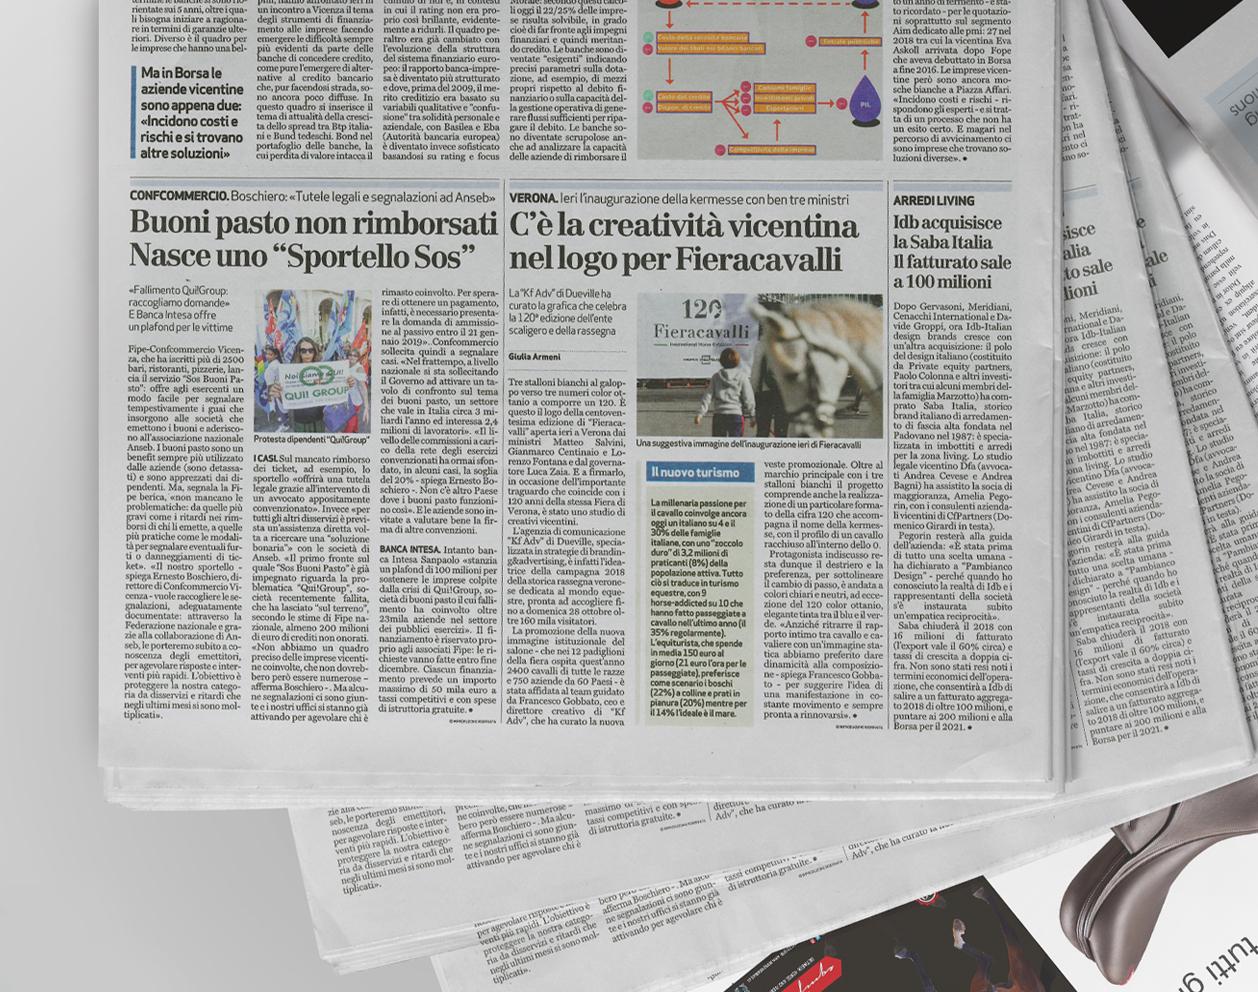 Campagna ADV - KF ADV agenzia di comunicazione Vicenza